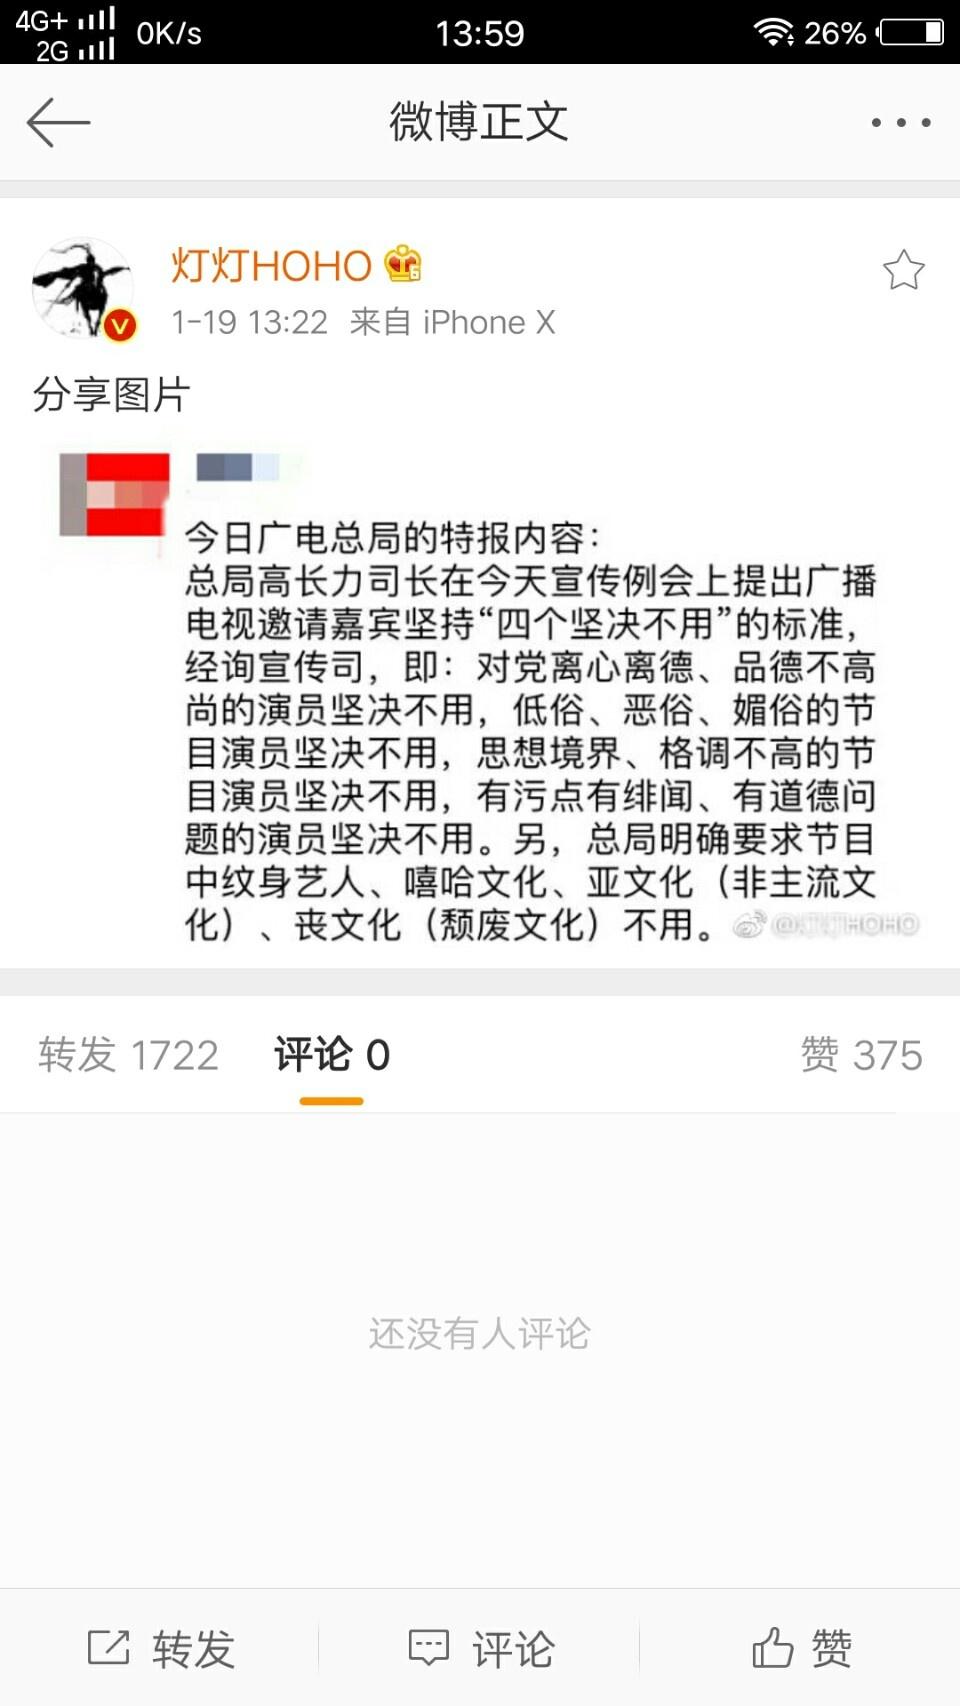 【网络民议】广电总局的硬文件和软要求